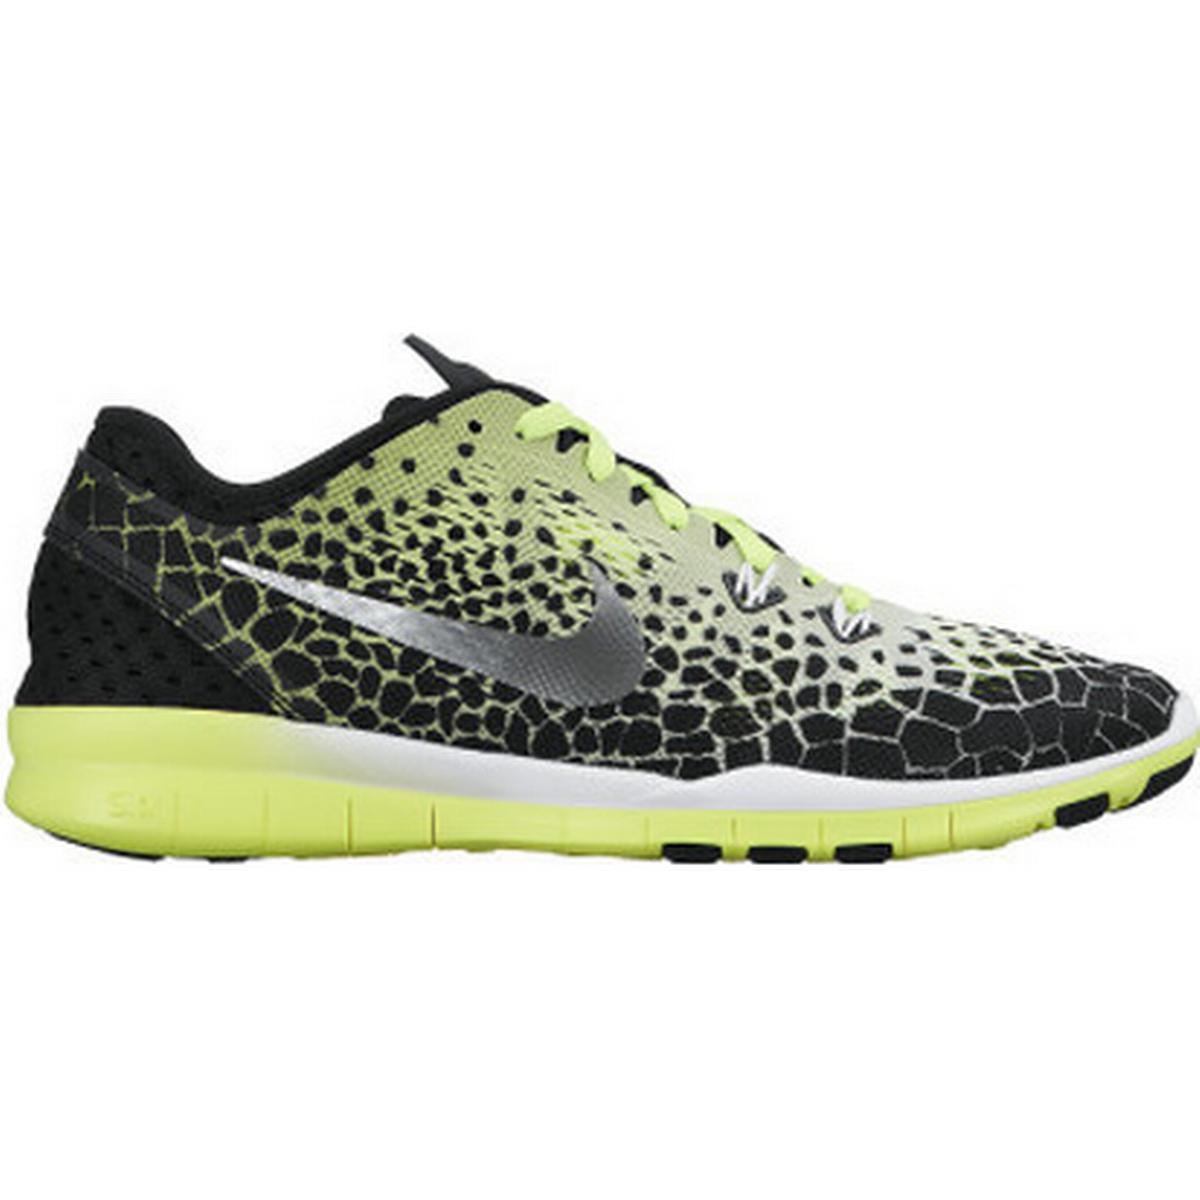 Nike free 5.0 tr fit • Find den billigste pris hos